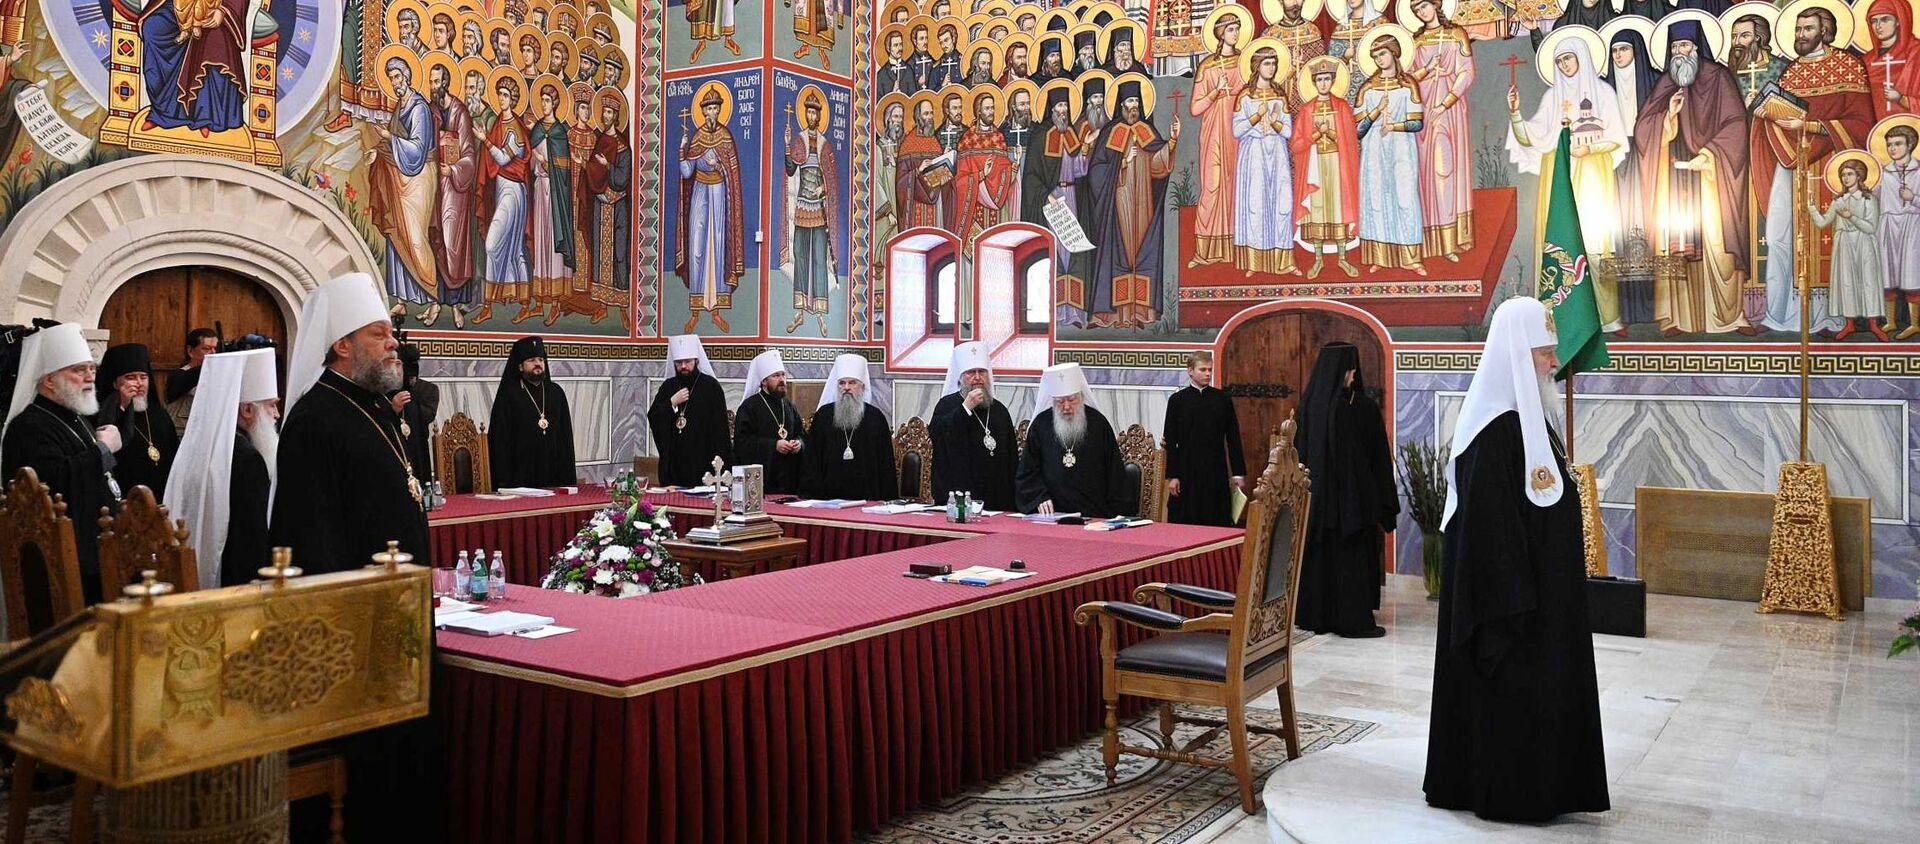 Σύνοδος της Ρωσικής Ορθόδοξης Εκκλησίας - Sputnik Ελλάδα, 1920, 12.10.2019